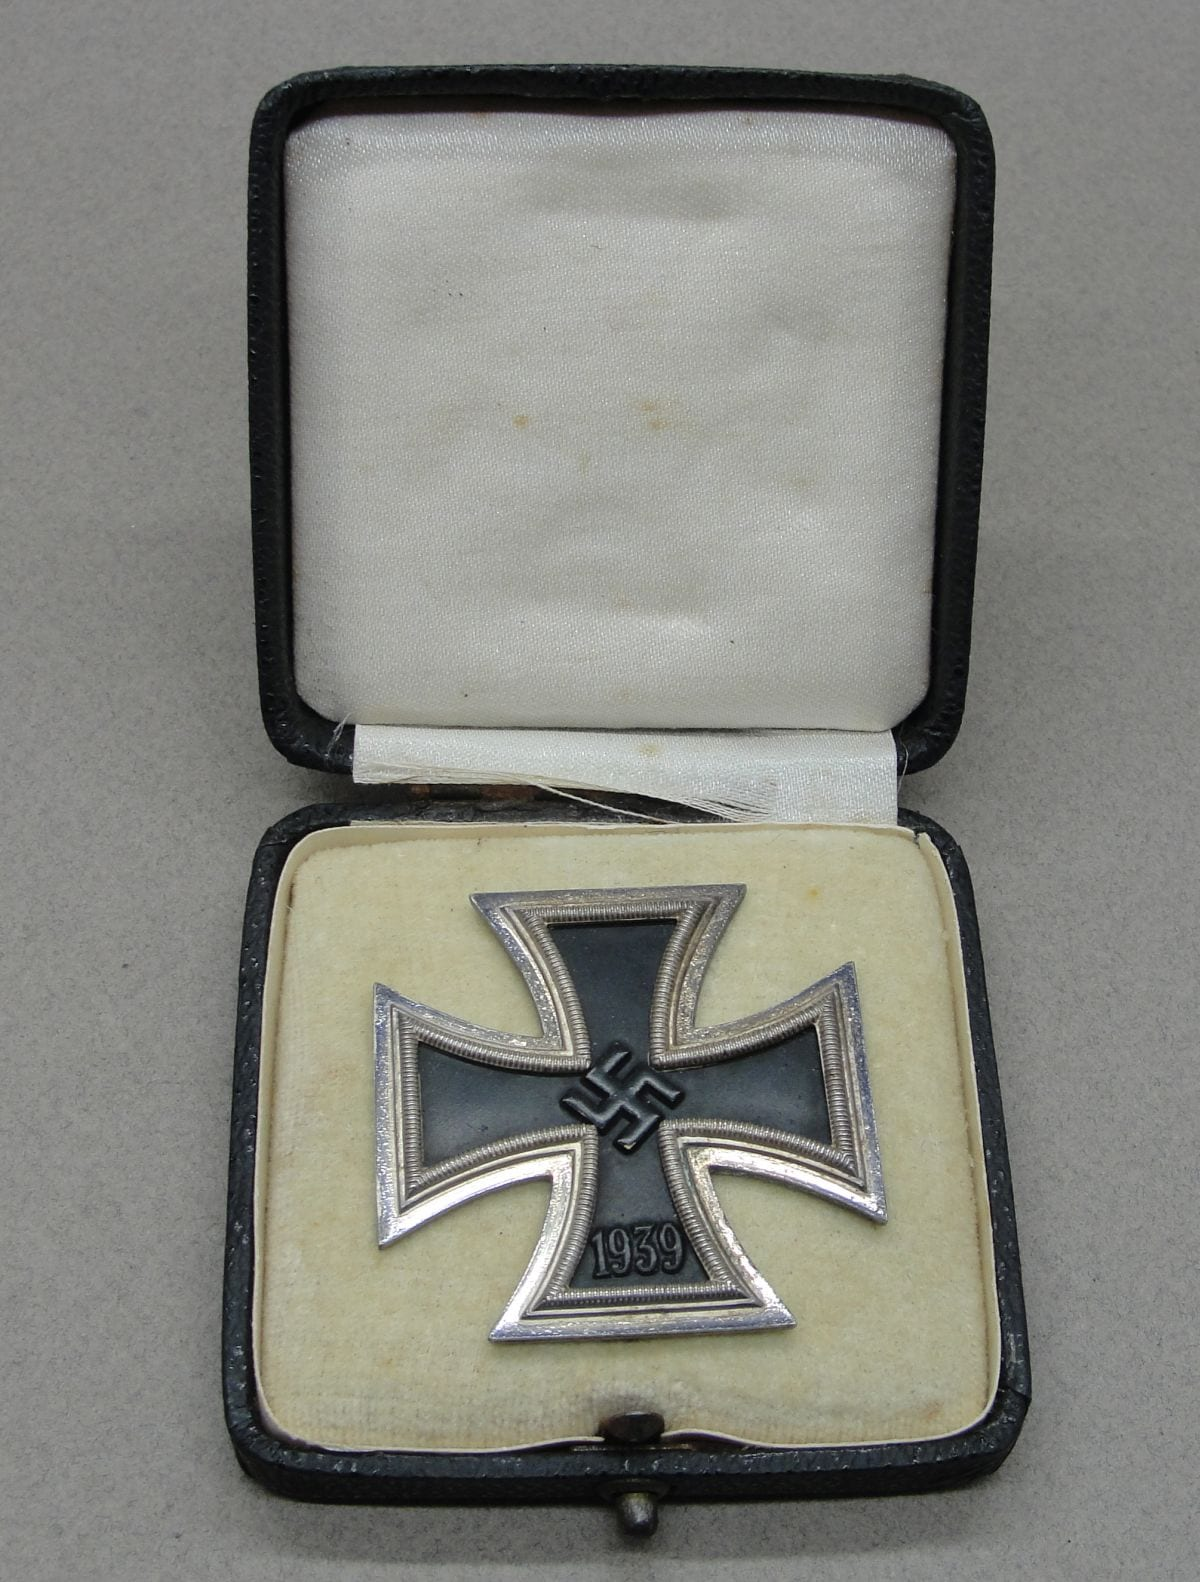 Cased 1939 Iron Cross First Class by Friedrich Orth Wien